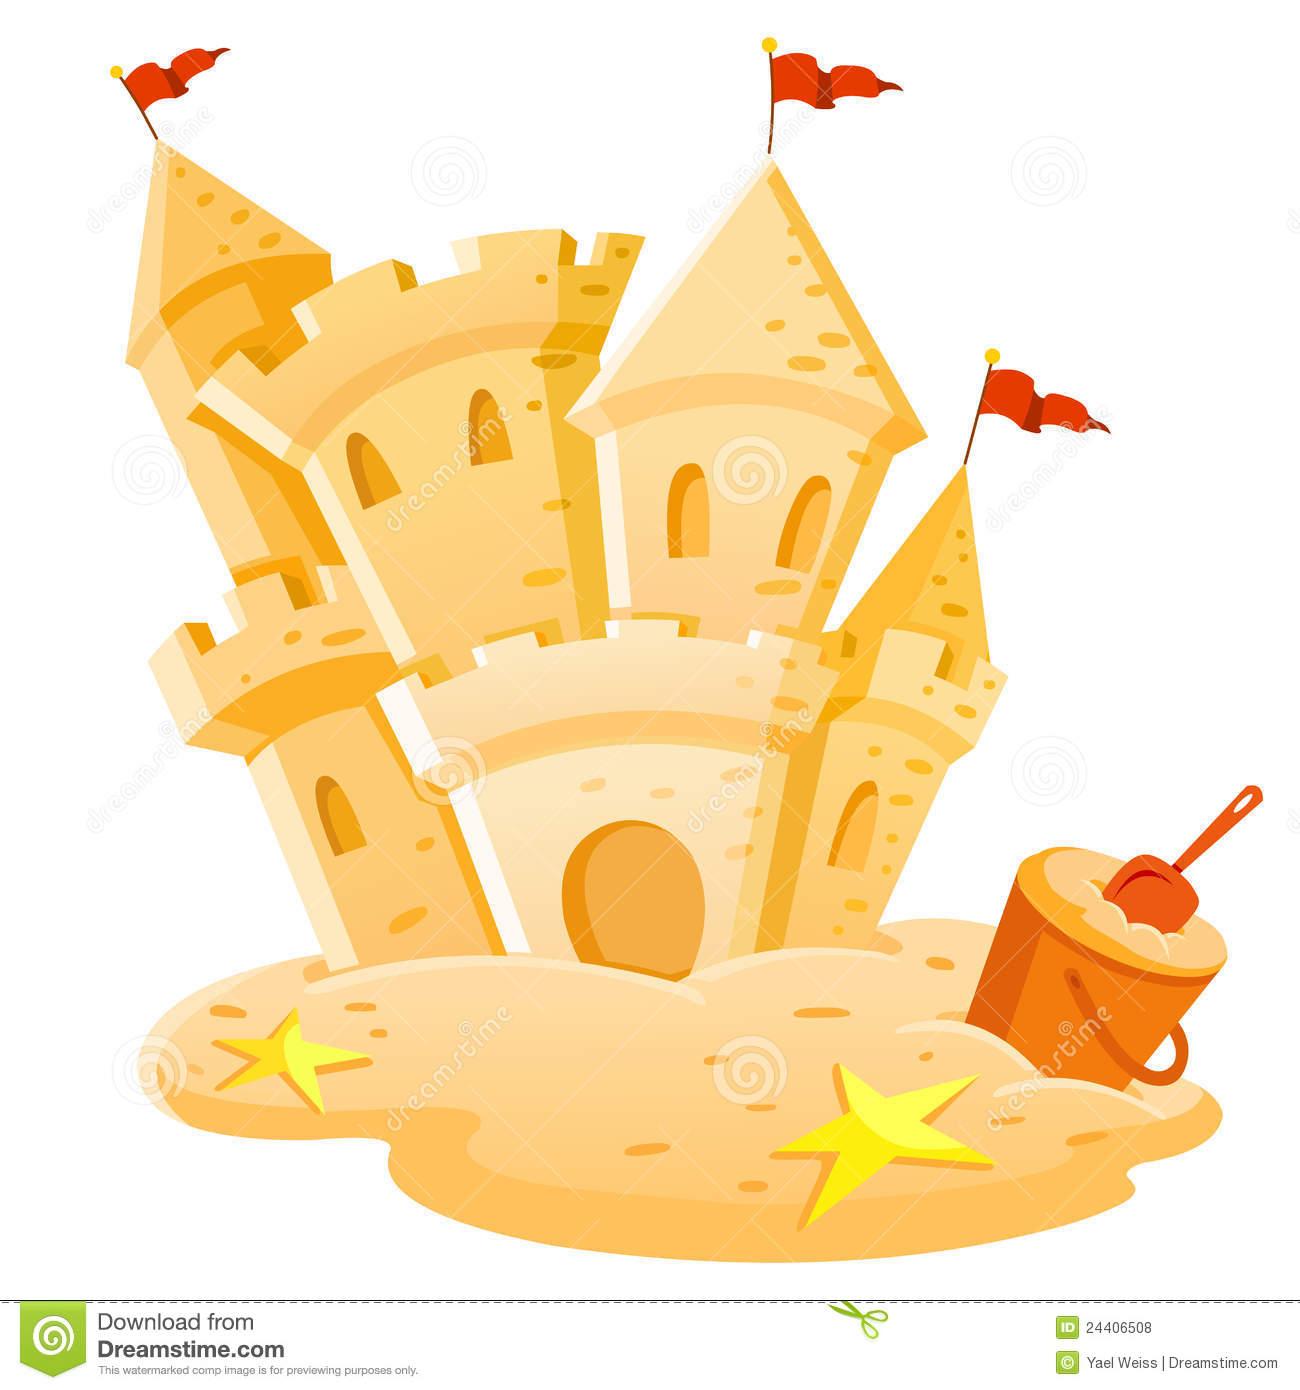 Sand Castle Clipart Sand ... 046a441f91b-Sand Castle Clipart Sand ... 046a441f91b7d4a80ed729f75808d2 .-11